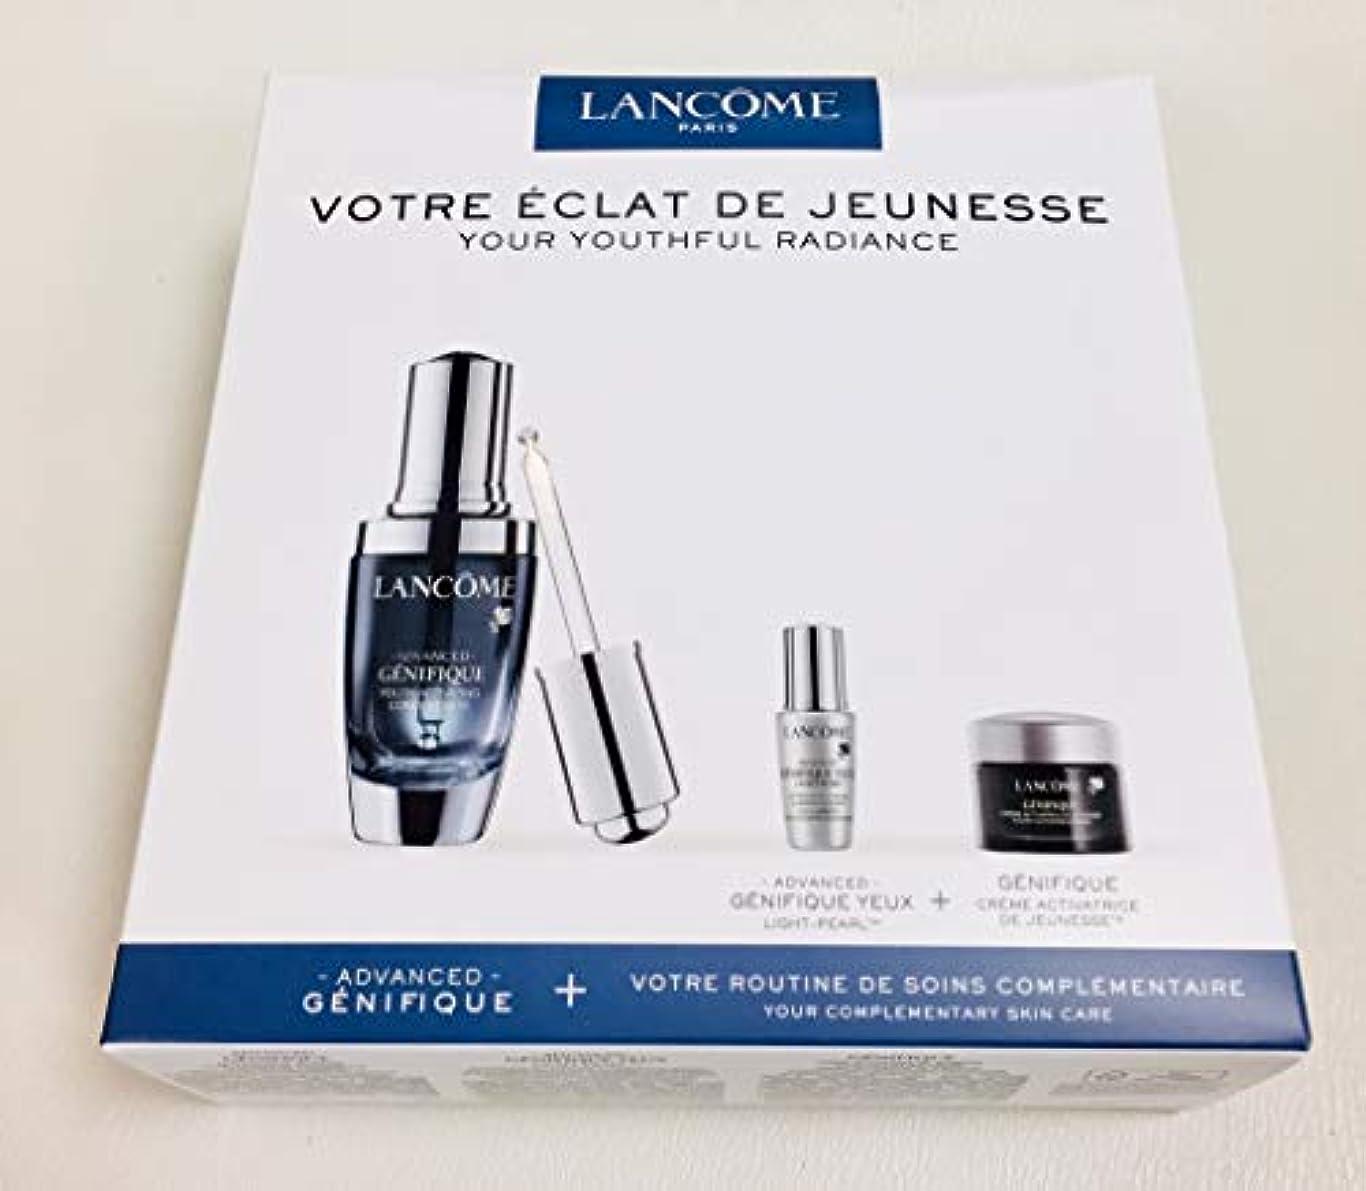 海クアッガ薬局ランコム Genifique Your Youthful Radiance Set: Genifique Concentrate 30ml + Genifique Yeux Light-Pearl 5ml + Genifique Cream 15ml 3pcs並行輸入品